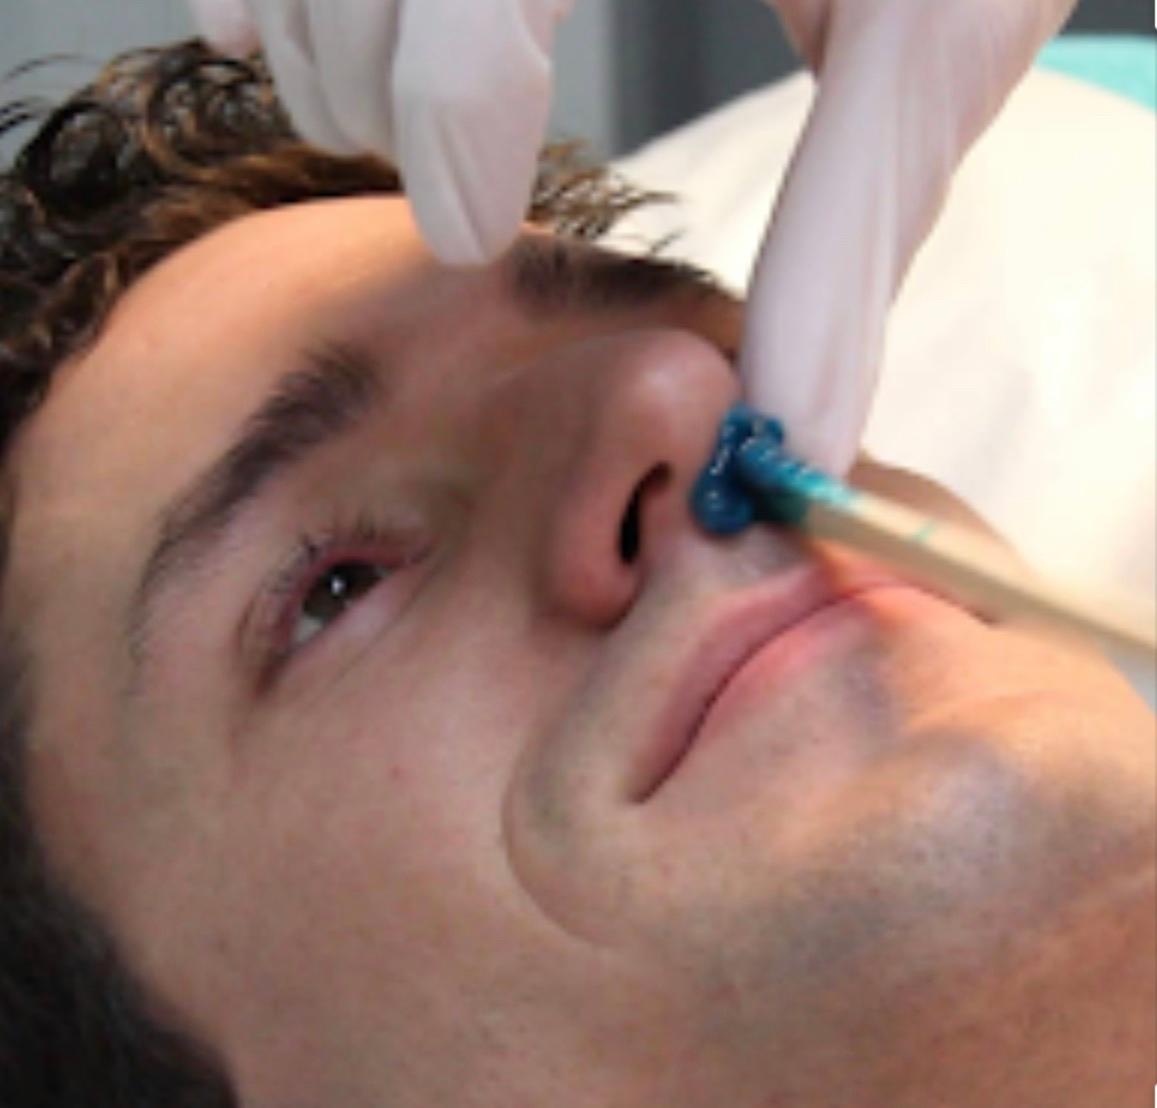 Nose wax